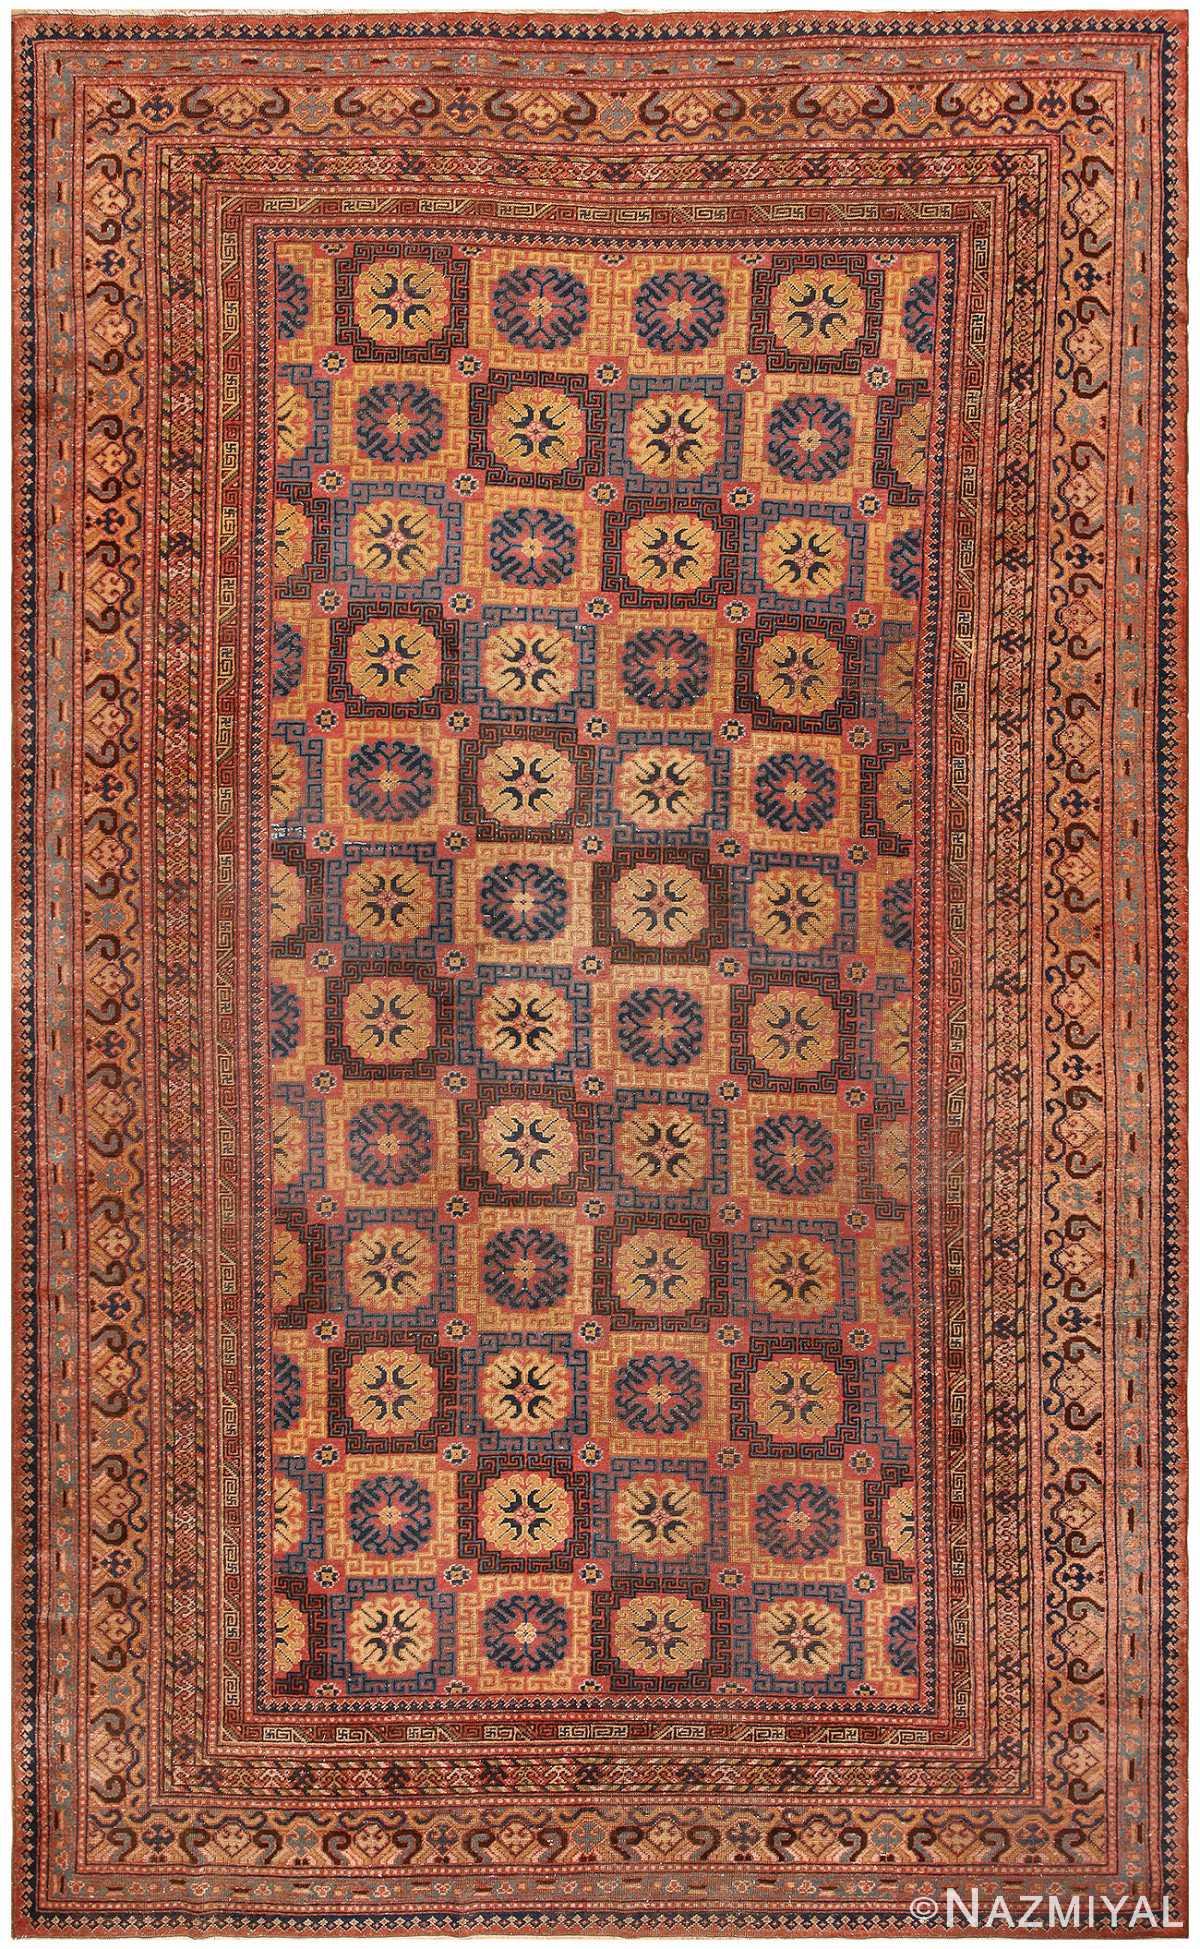 Antique Khotan Rug 46595 Detail/Large View